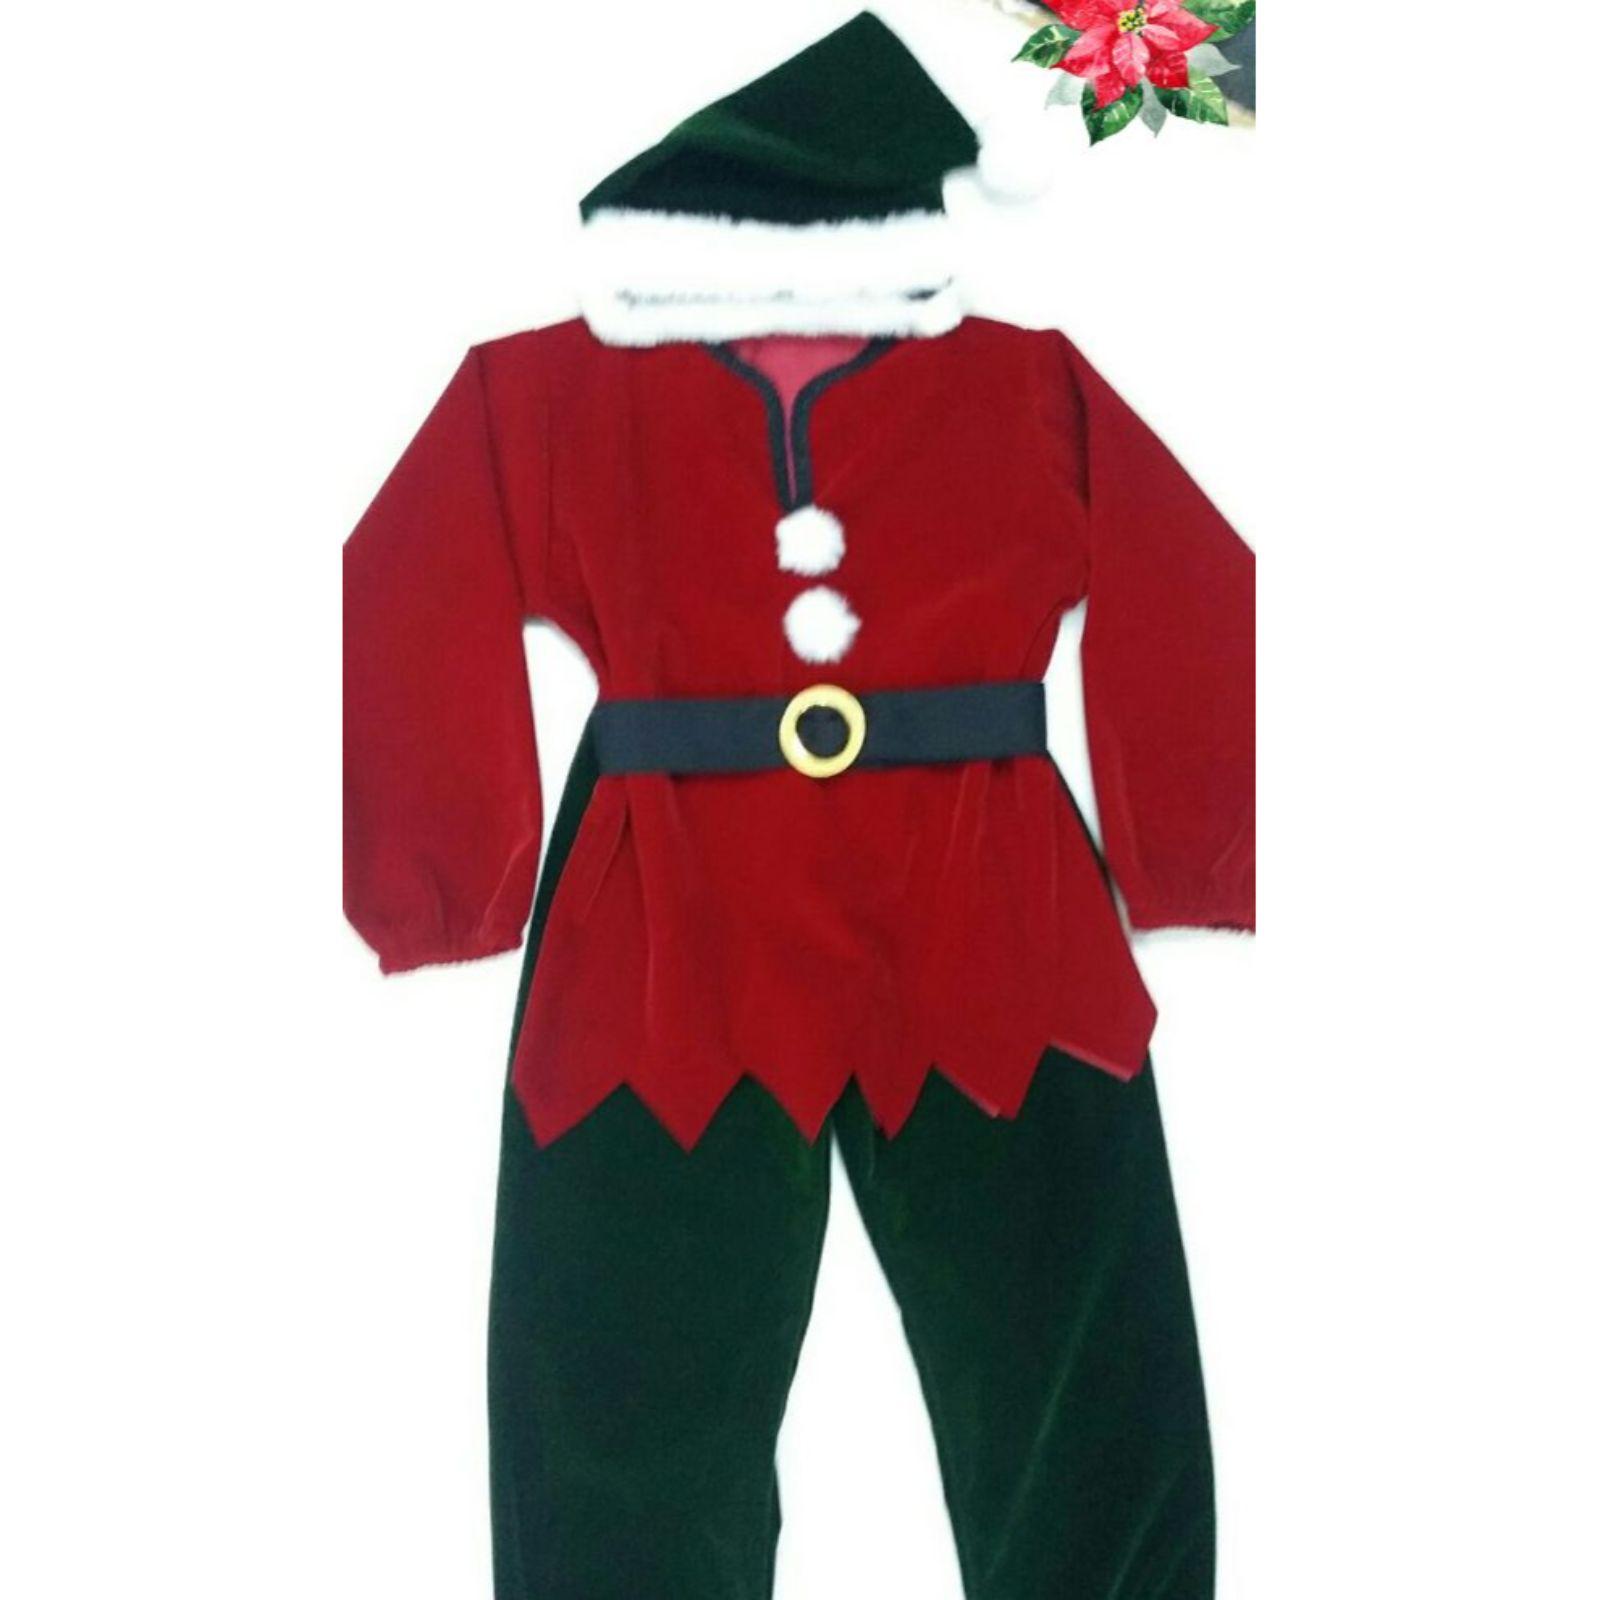 Costum Elf sau Spiridus premium